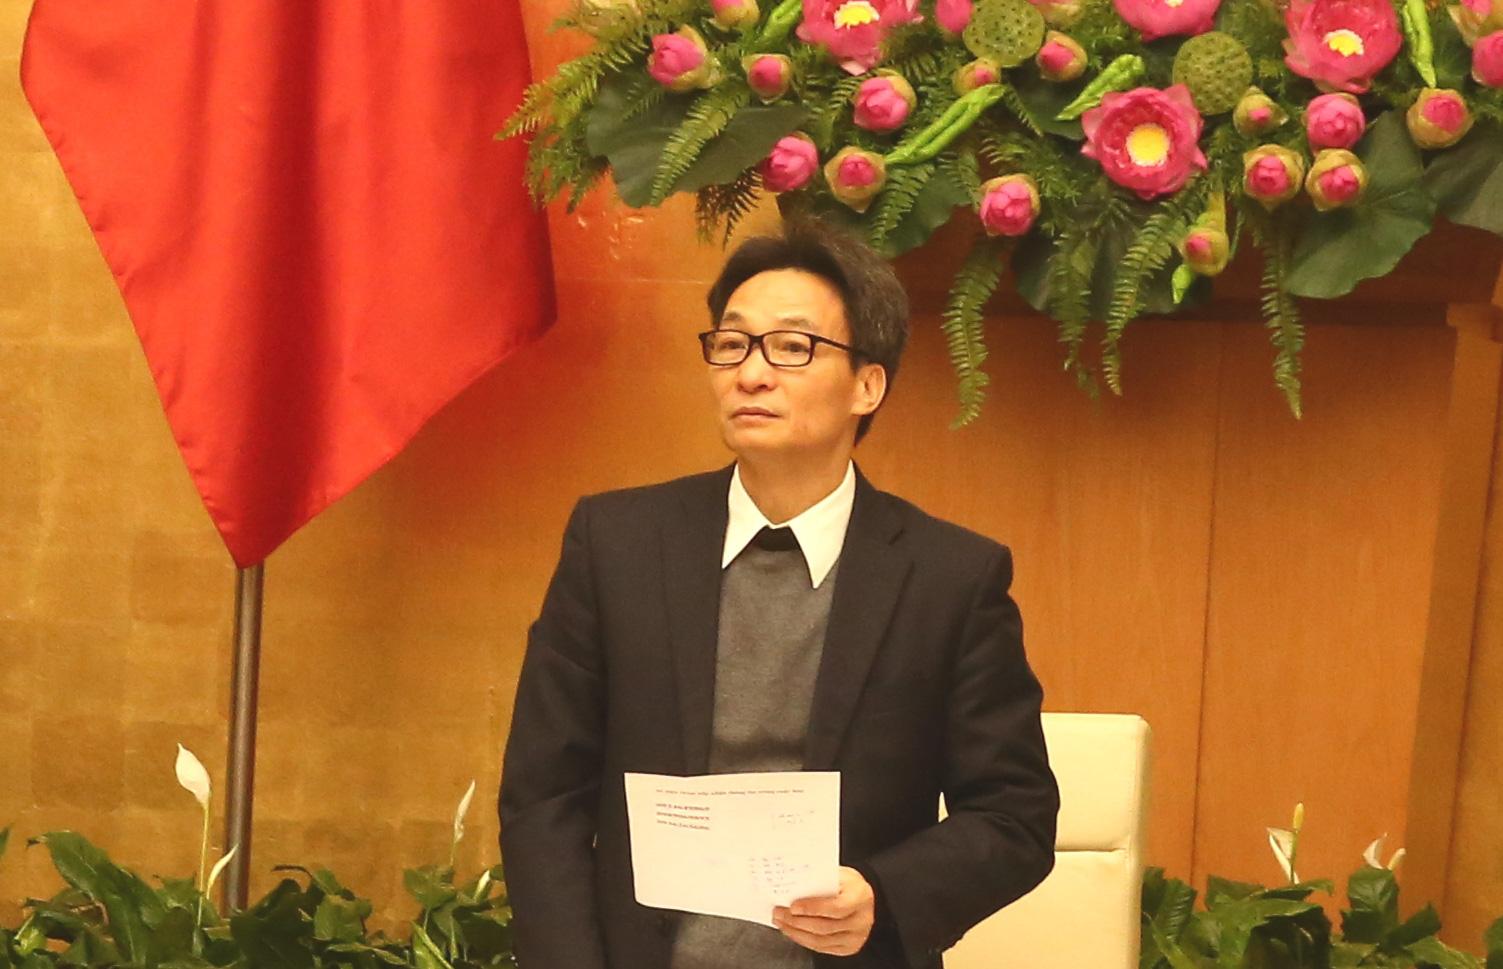 Phó Thủ tướng: Nếu chưa làm được cho phụ huynh, học sinh an tâm thì chưa nên cho đi học lại - Ảnh 1.